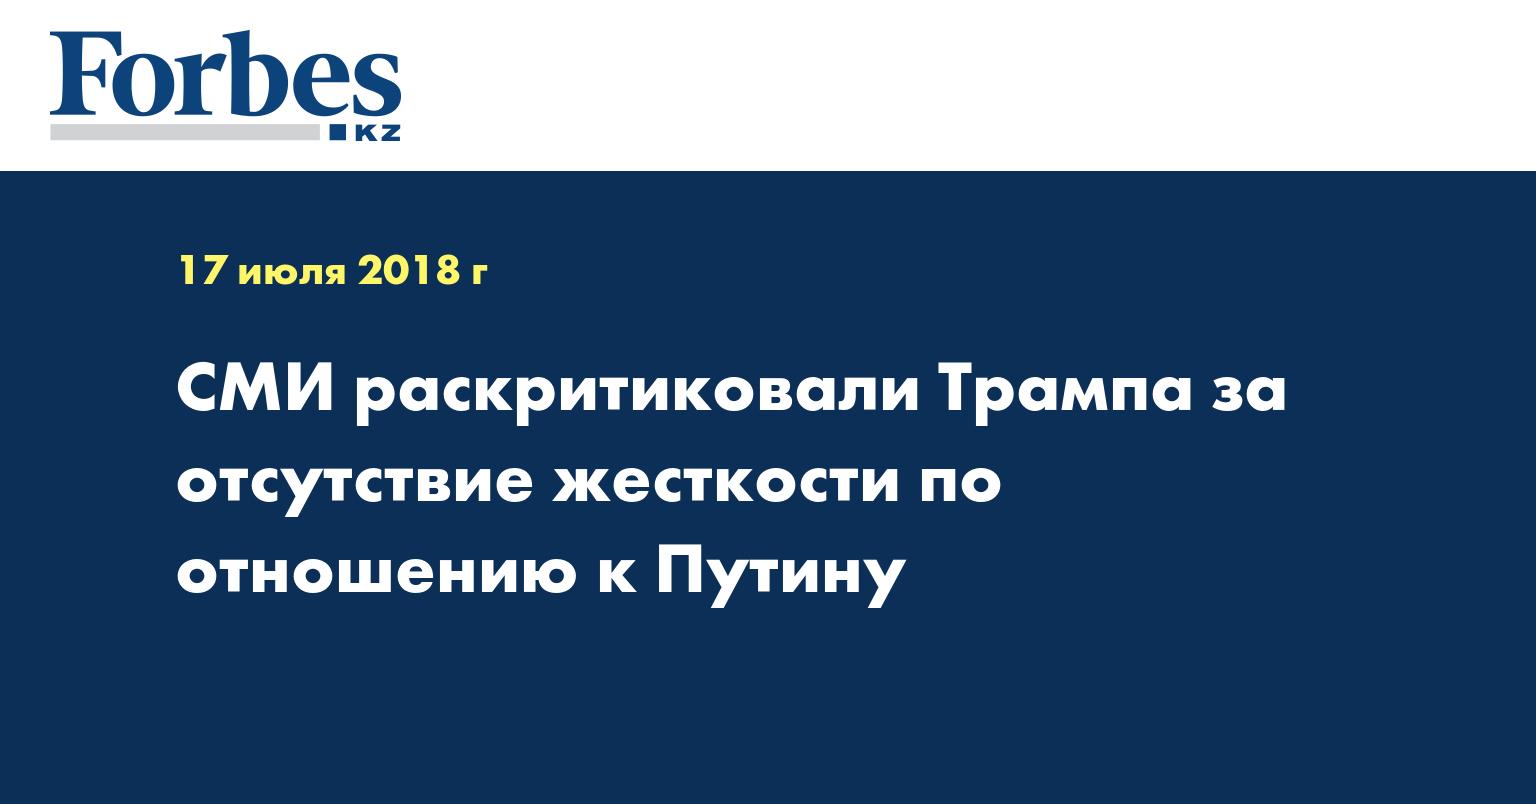 СМИ раскритиковали Трампа за отсутствие жёсткости по отношению к Путину